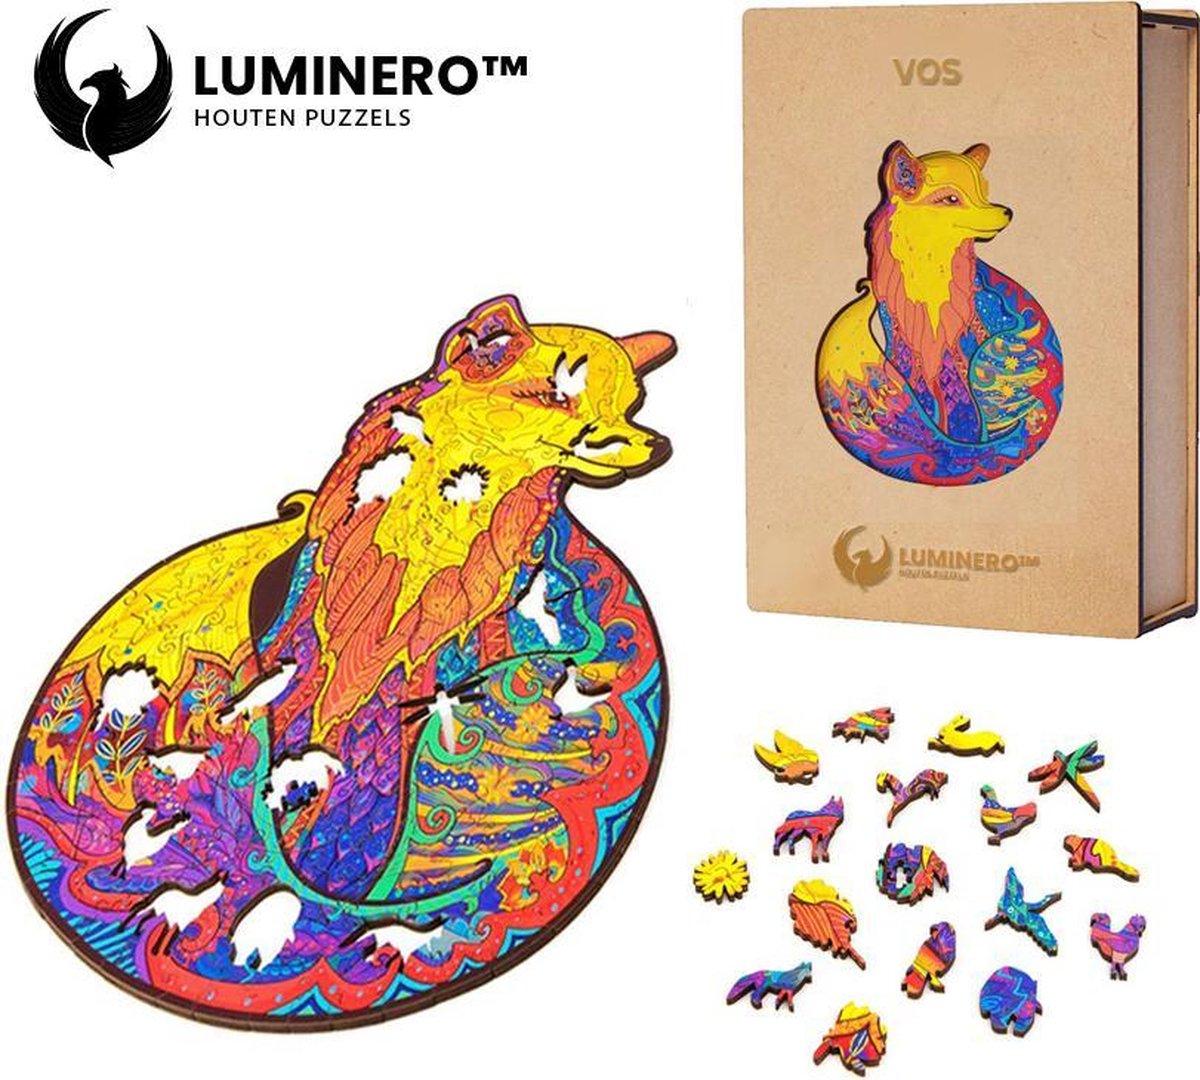 Luminero™ Houten Vos Jigsaw Puzzel - A5 Formaat Jigsaw - Unieke 3D Puzzels - Huisdecoratie - Wooden Puzzle - Volwassenen & Kinderen - Incl. Houten Doos